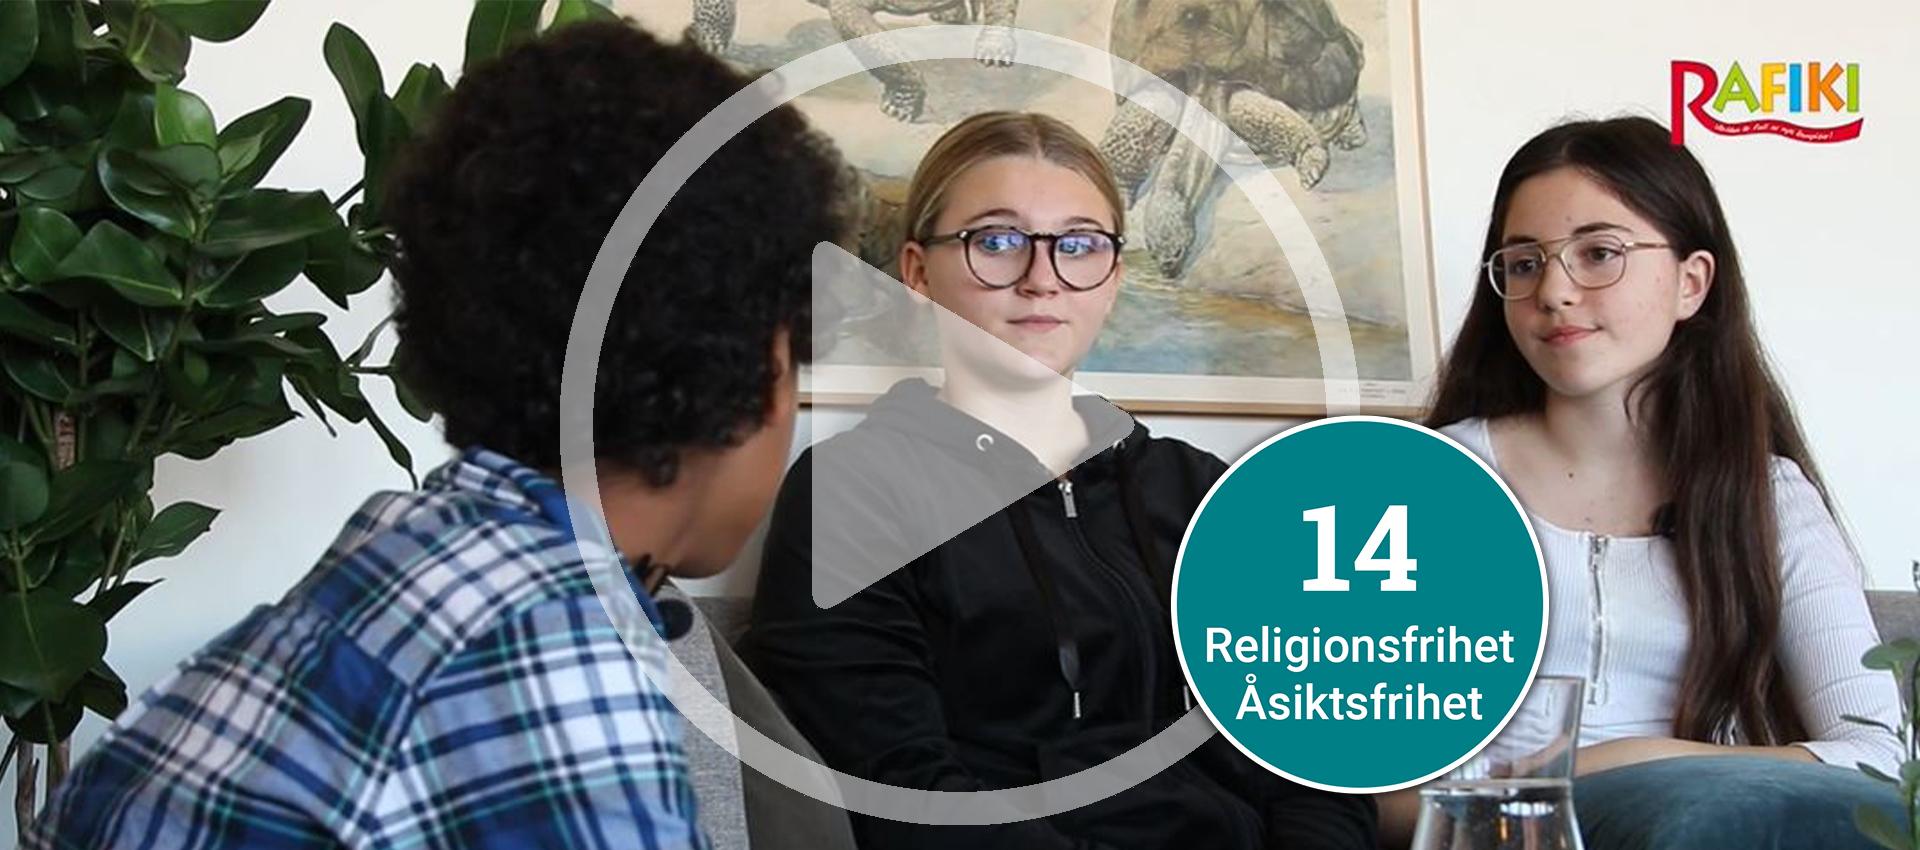 E-lektion om barns rätt till åsiktsfrihet och religionsfrihet